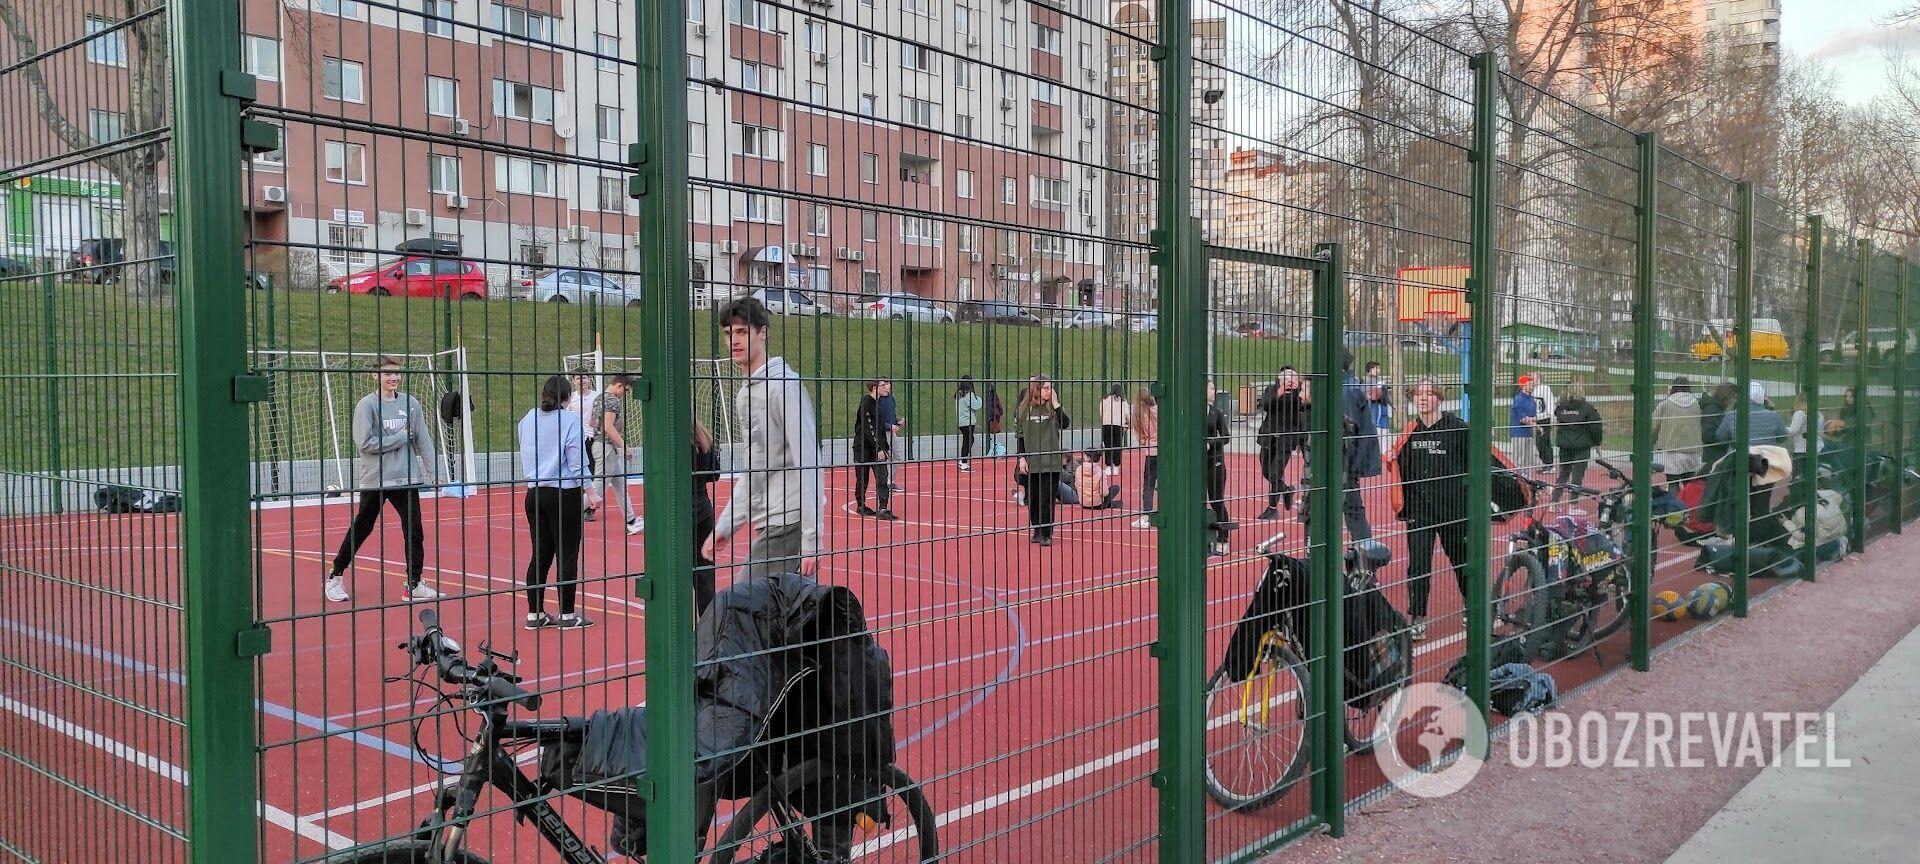 Молодые люди собрались на спортивной площадке.